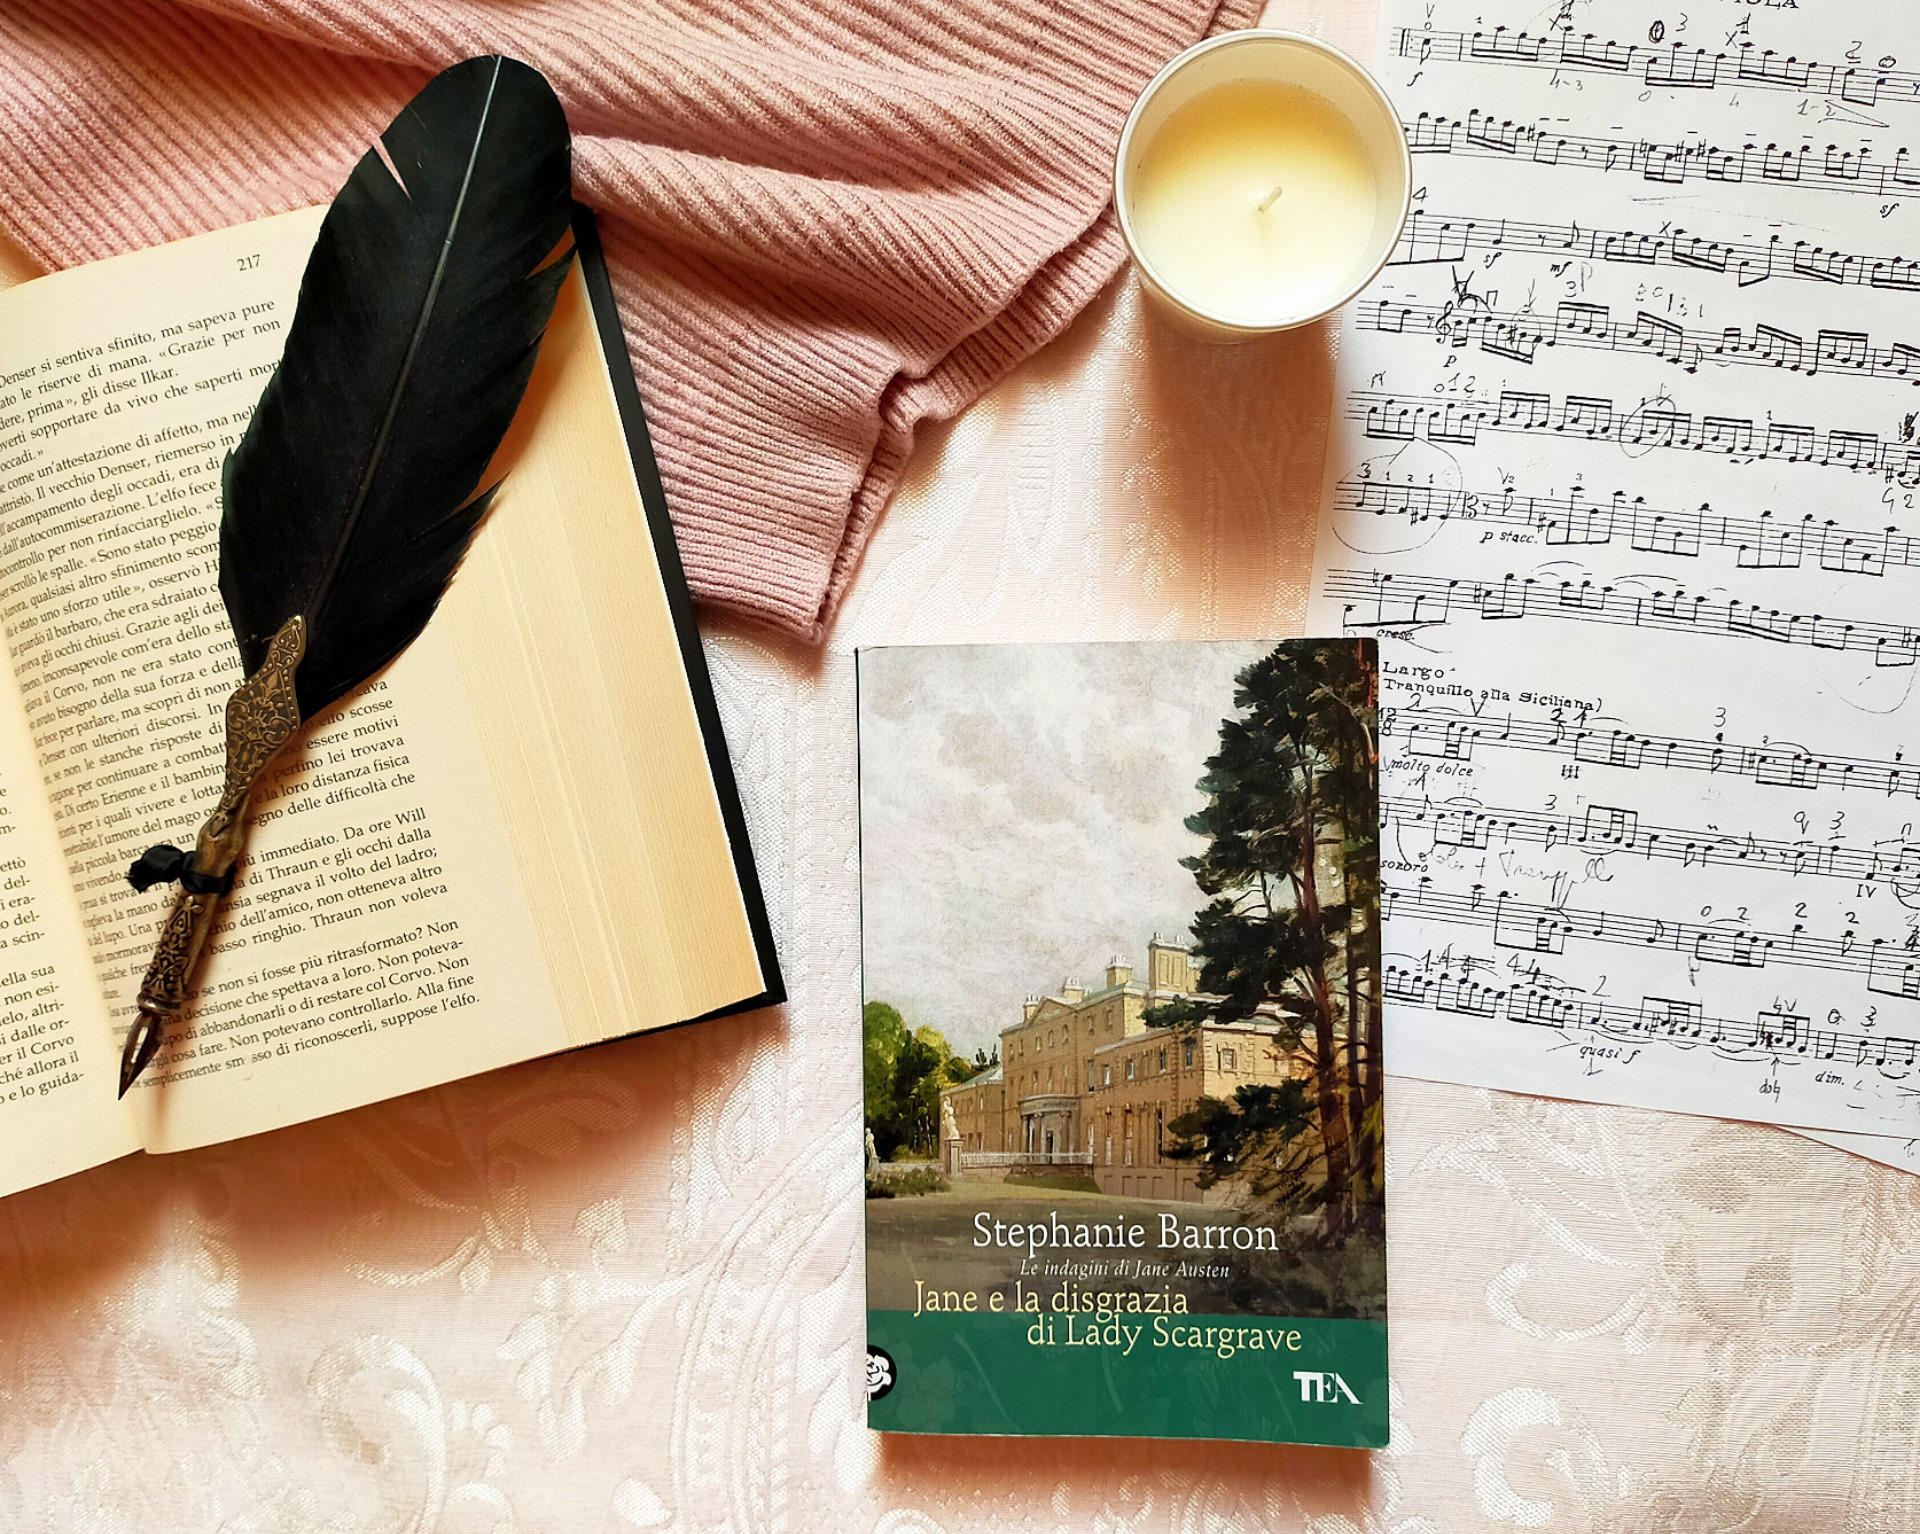 """MAGGIO DEI LIBRI: """"La disgrazia di Lady Scargave"""", Jane Austen indaga"""